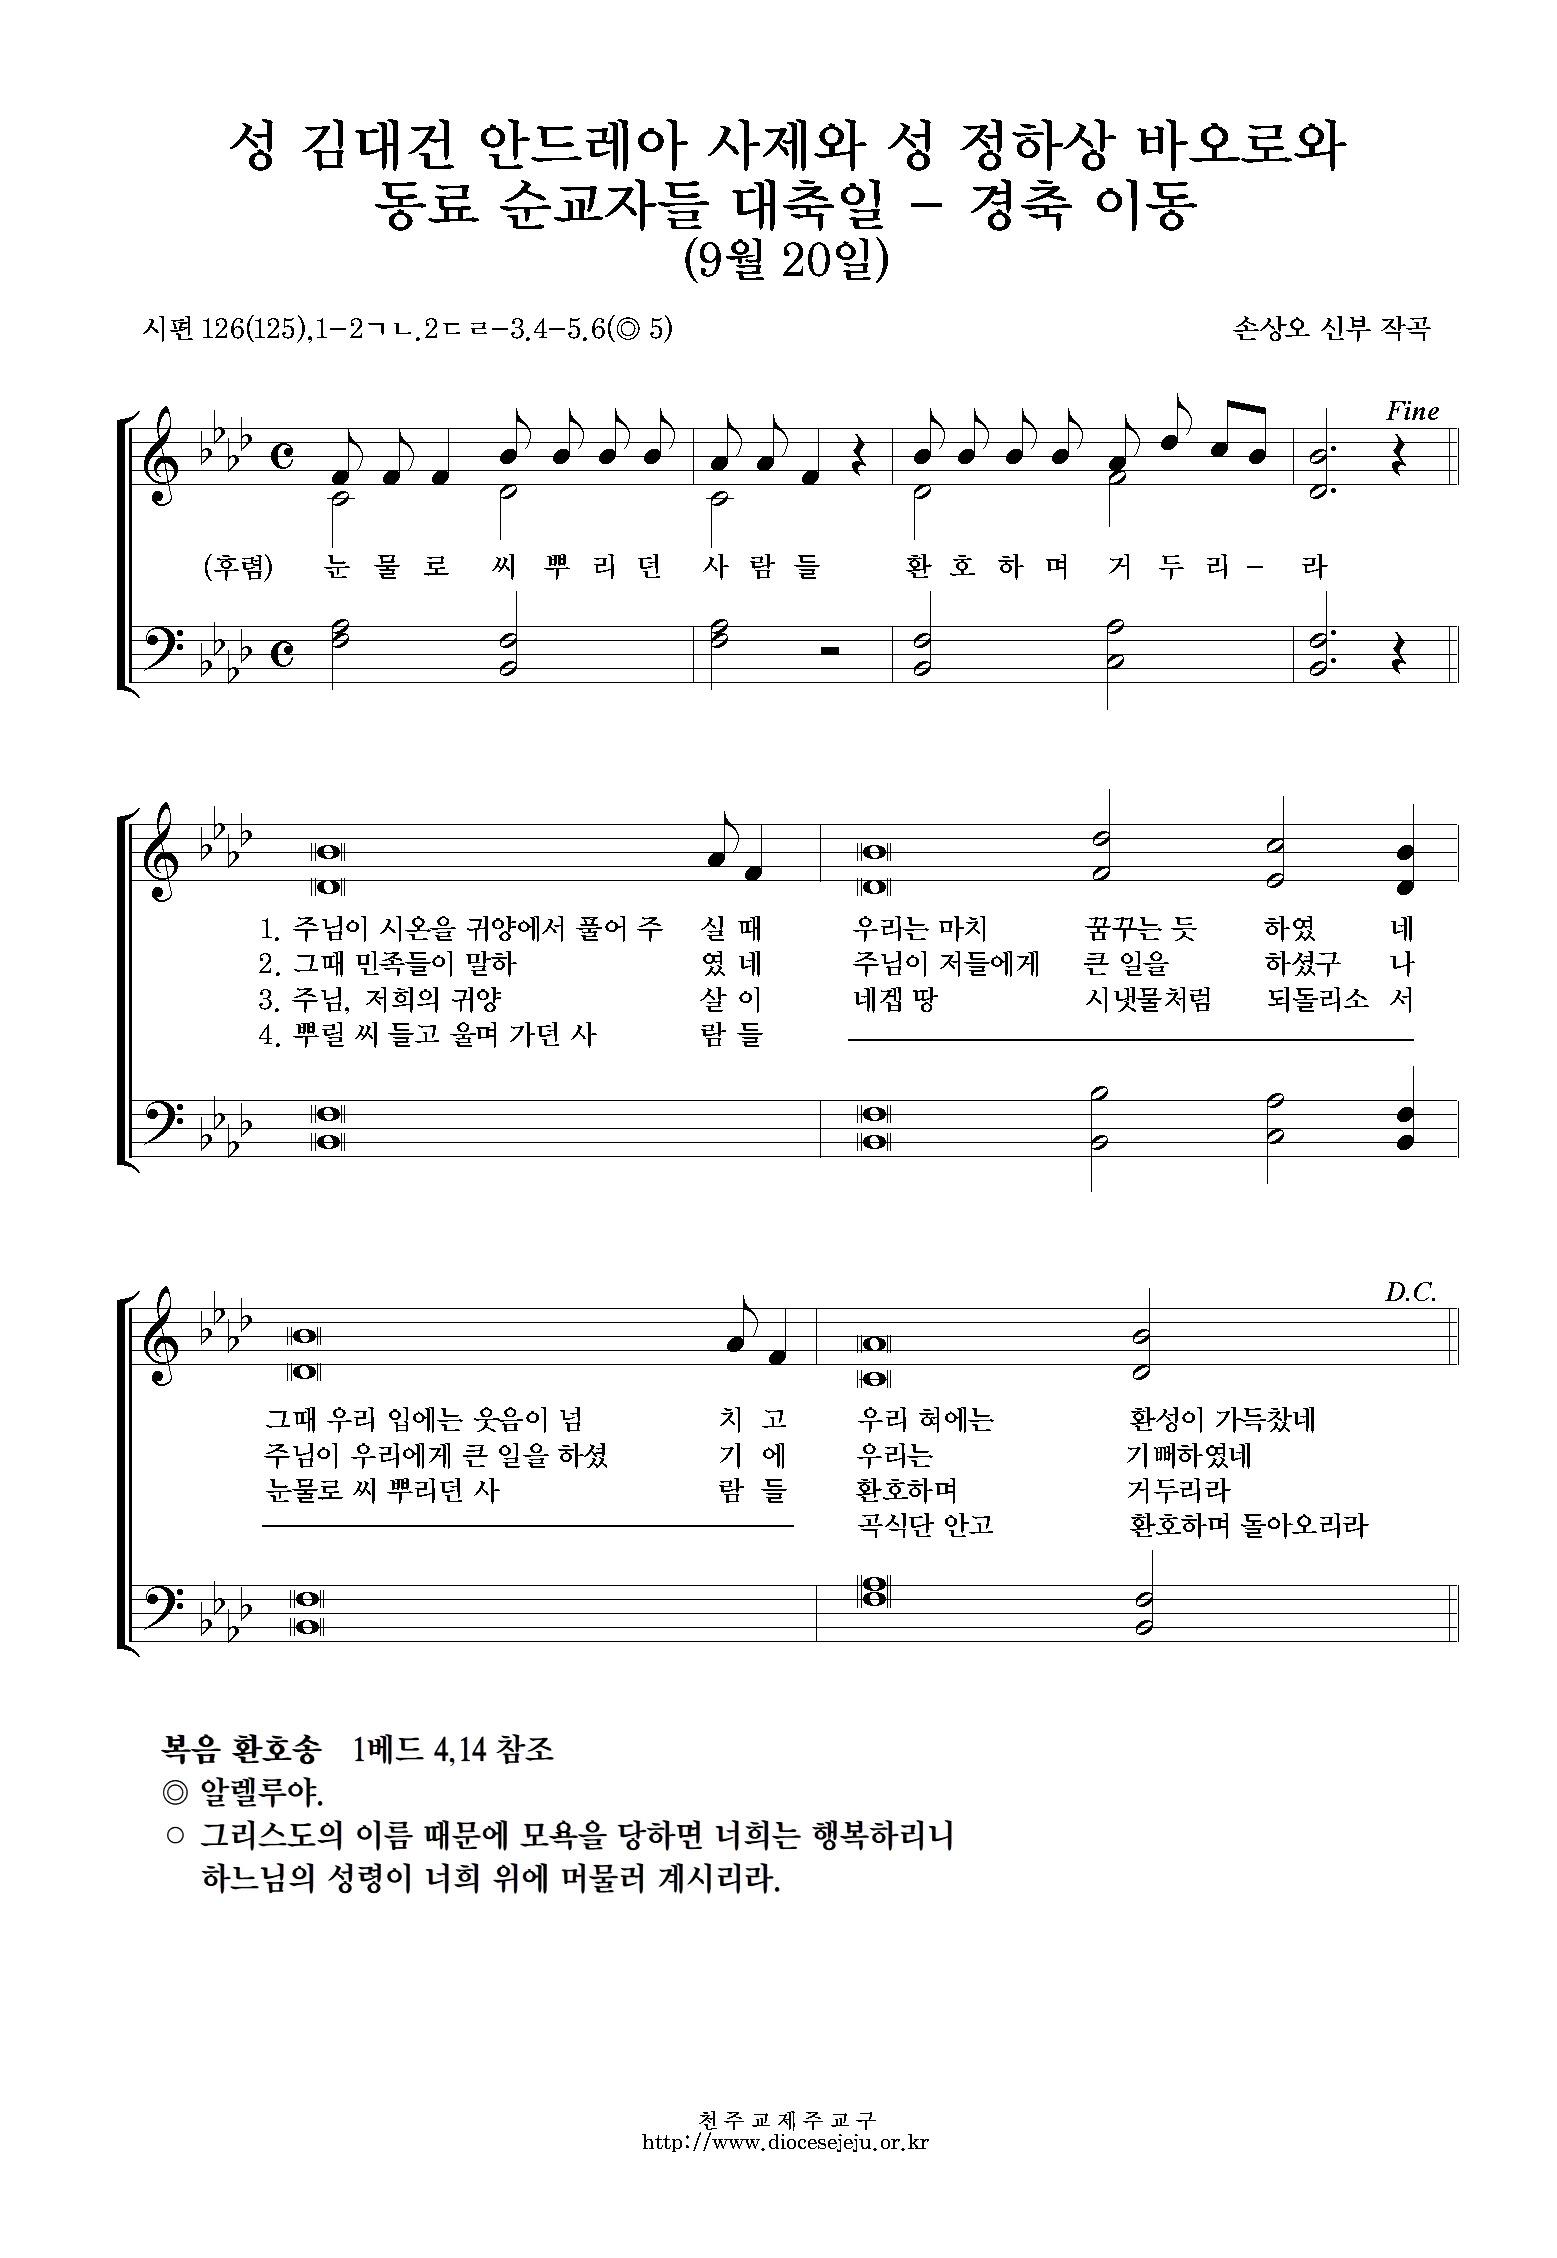 20190922-김대건안드레아와 동료순교자(공통).jpg